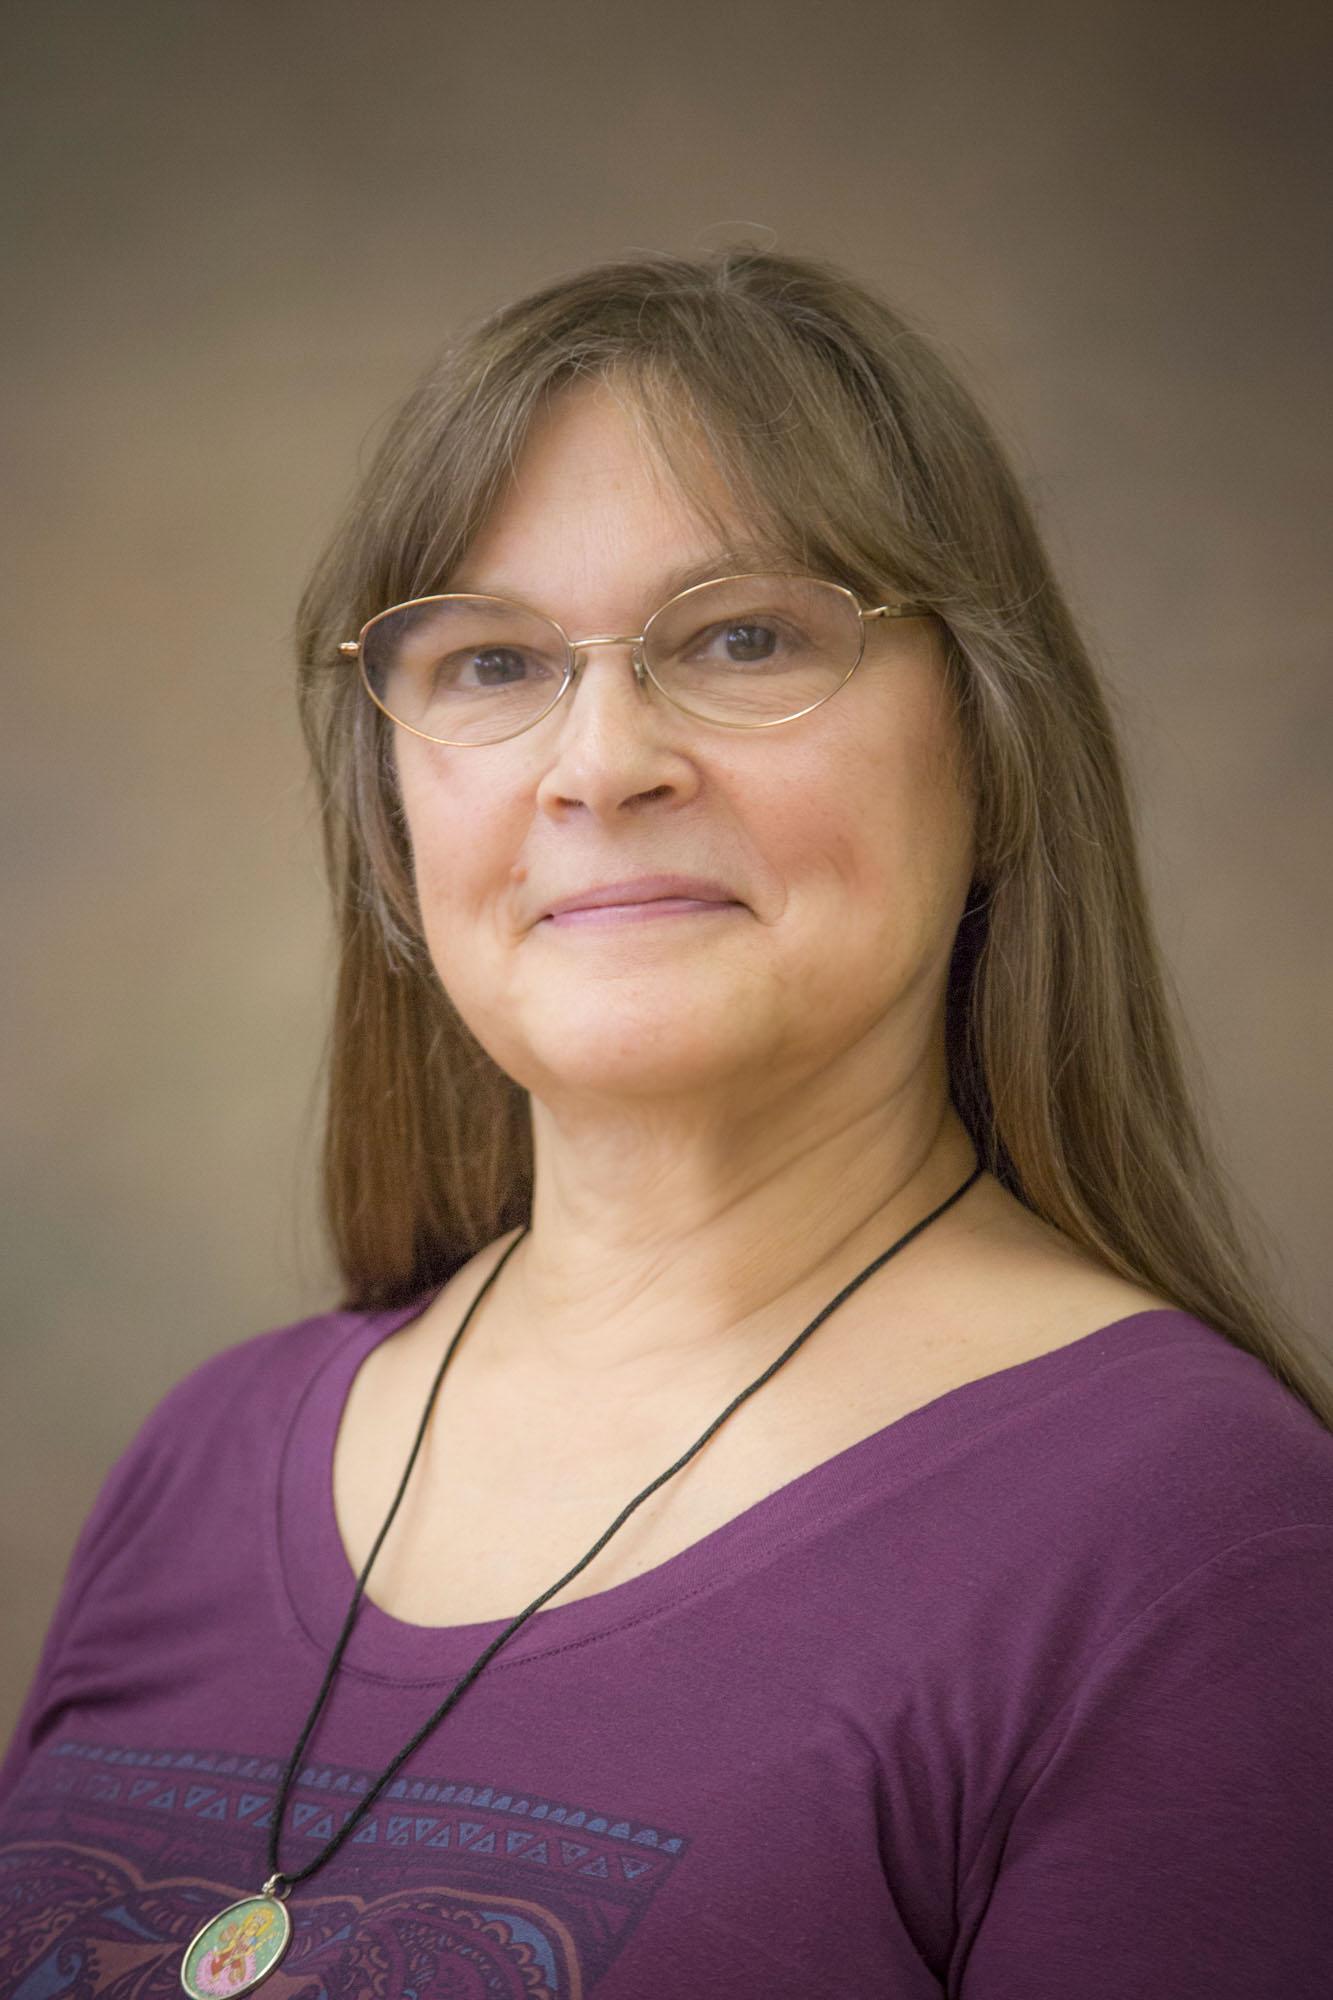 Mrs. Dobilaitis